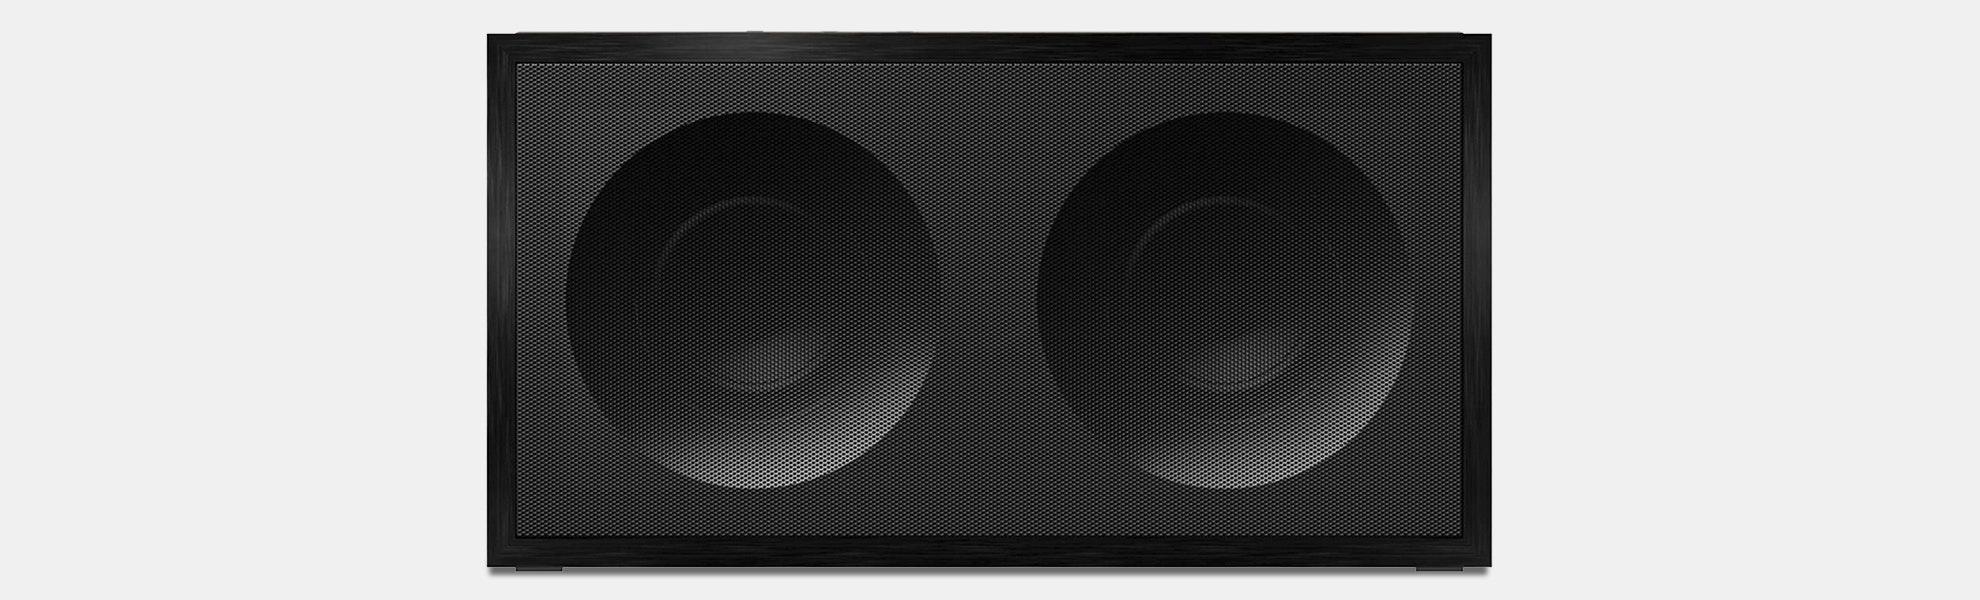 Onkyo NCP-302 Wireless Network Speaker